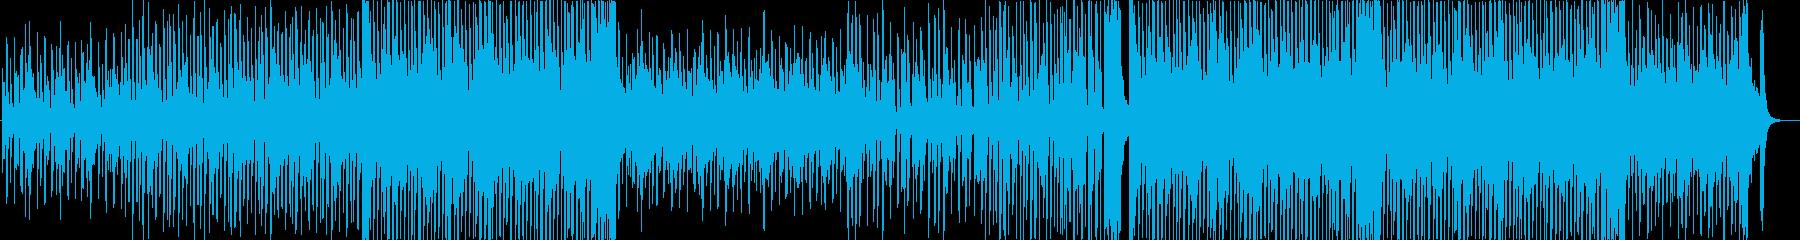 ピアノの陽気なポップス 劇伴向けの再生済みの波形